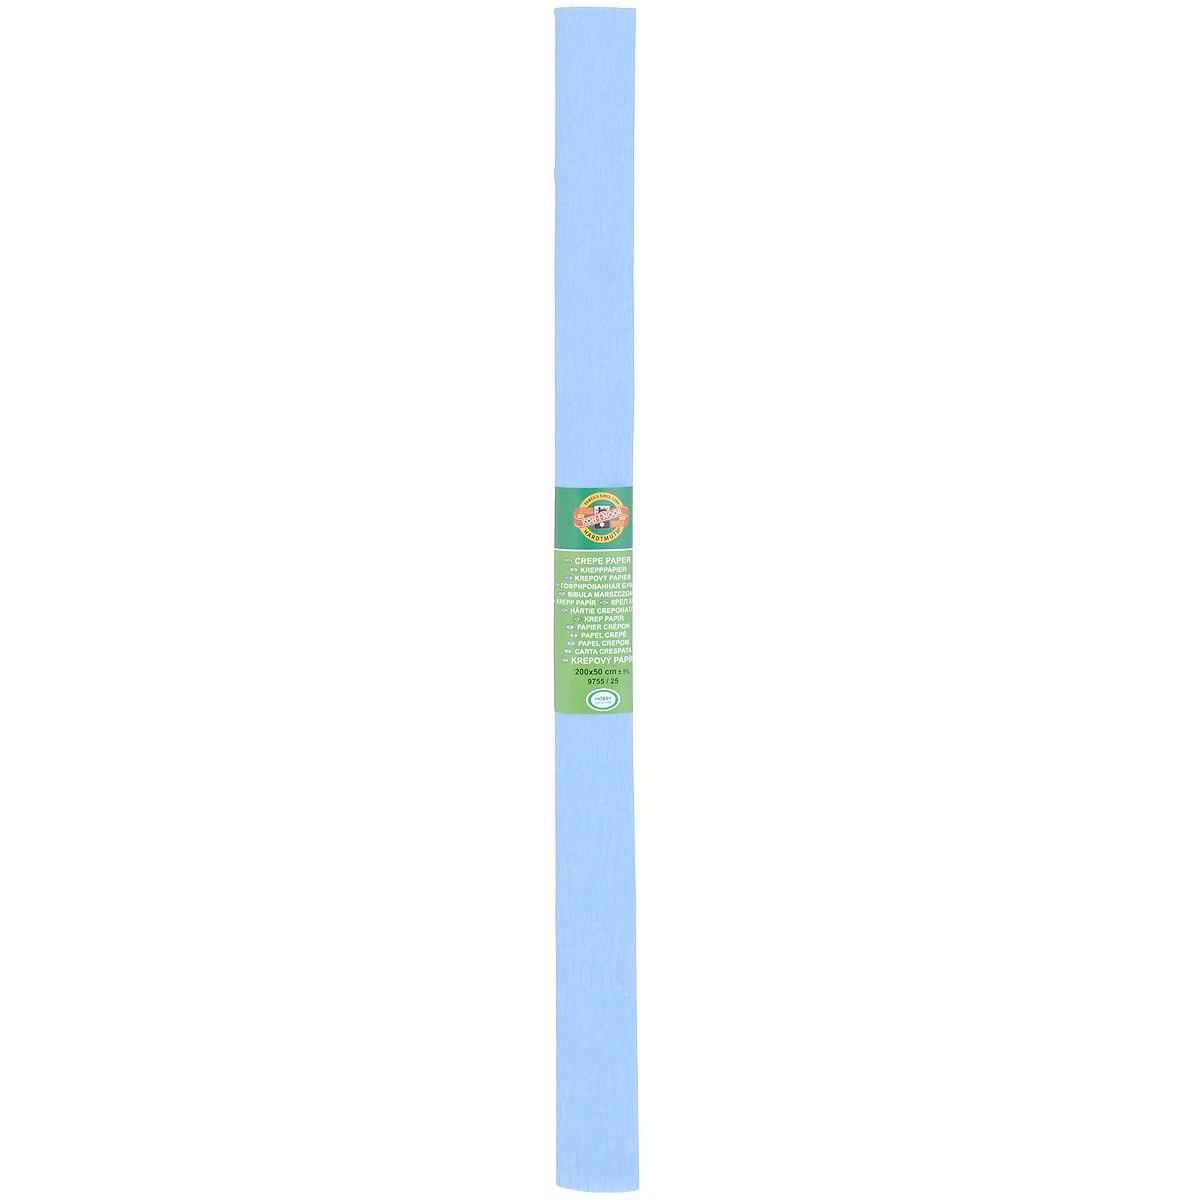 Бумага гофрированная Koh-I-Noor, цвет: голубой, 50 см x 2 м9755/25Крепированная бумага Koh-I-Noor - прекрасный материал для декорирования, изготовления эффектной упаковки и различных поделок. Бумага прекрасно держит форму, не пачкает руки, отлично крепится и замечательно подходит для изготовления праздничной упаковки для цветов.